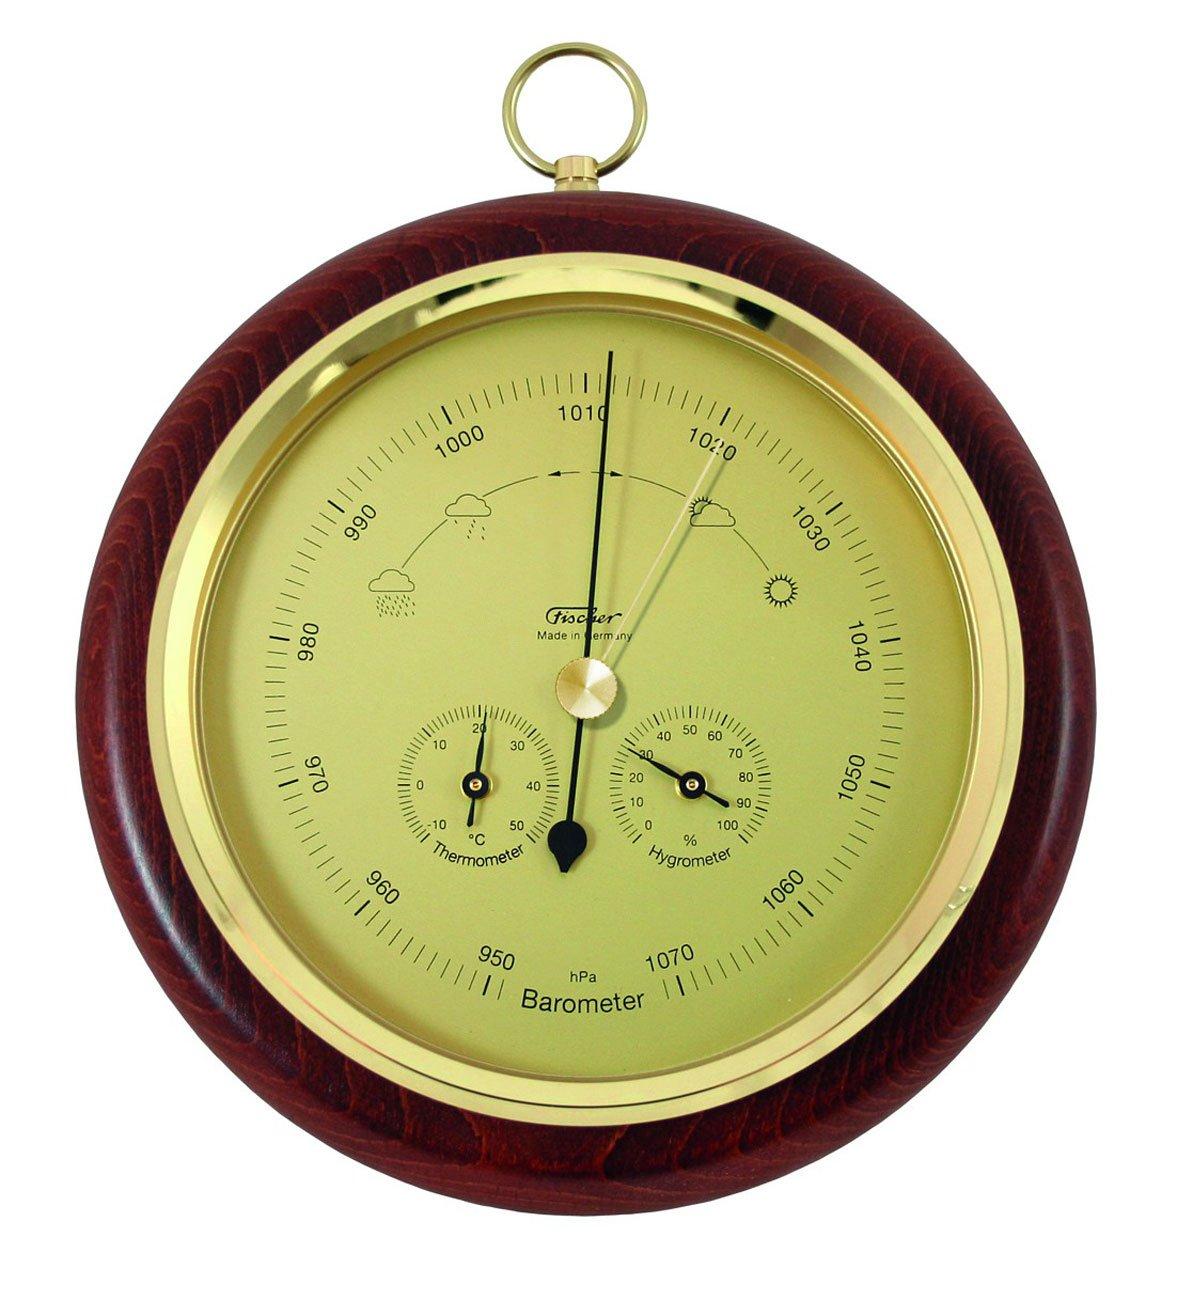 Fischer Wetterstation, Barometer, Thermo-Hygrometer, Durchmesser 200mm, Ausführung Echtholzsockel mahagoni